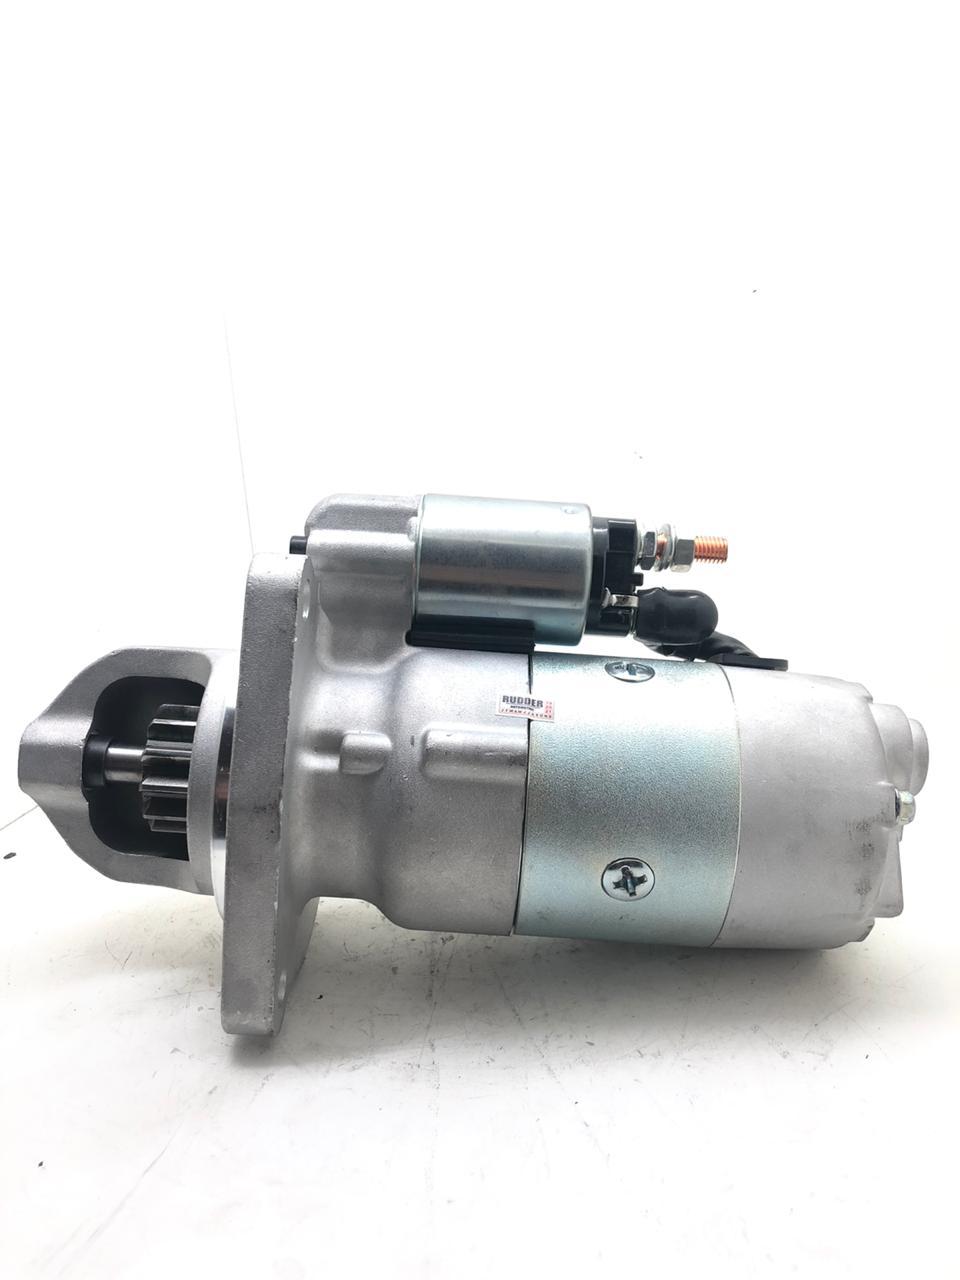 Motor de Arranque Ford VW Cummins Motor Prestolite RD14038